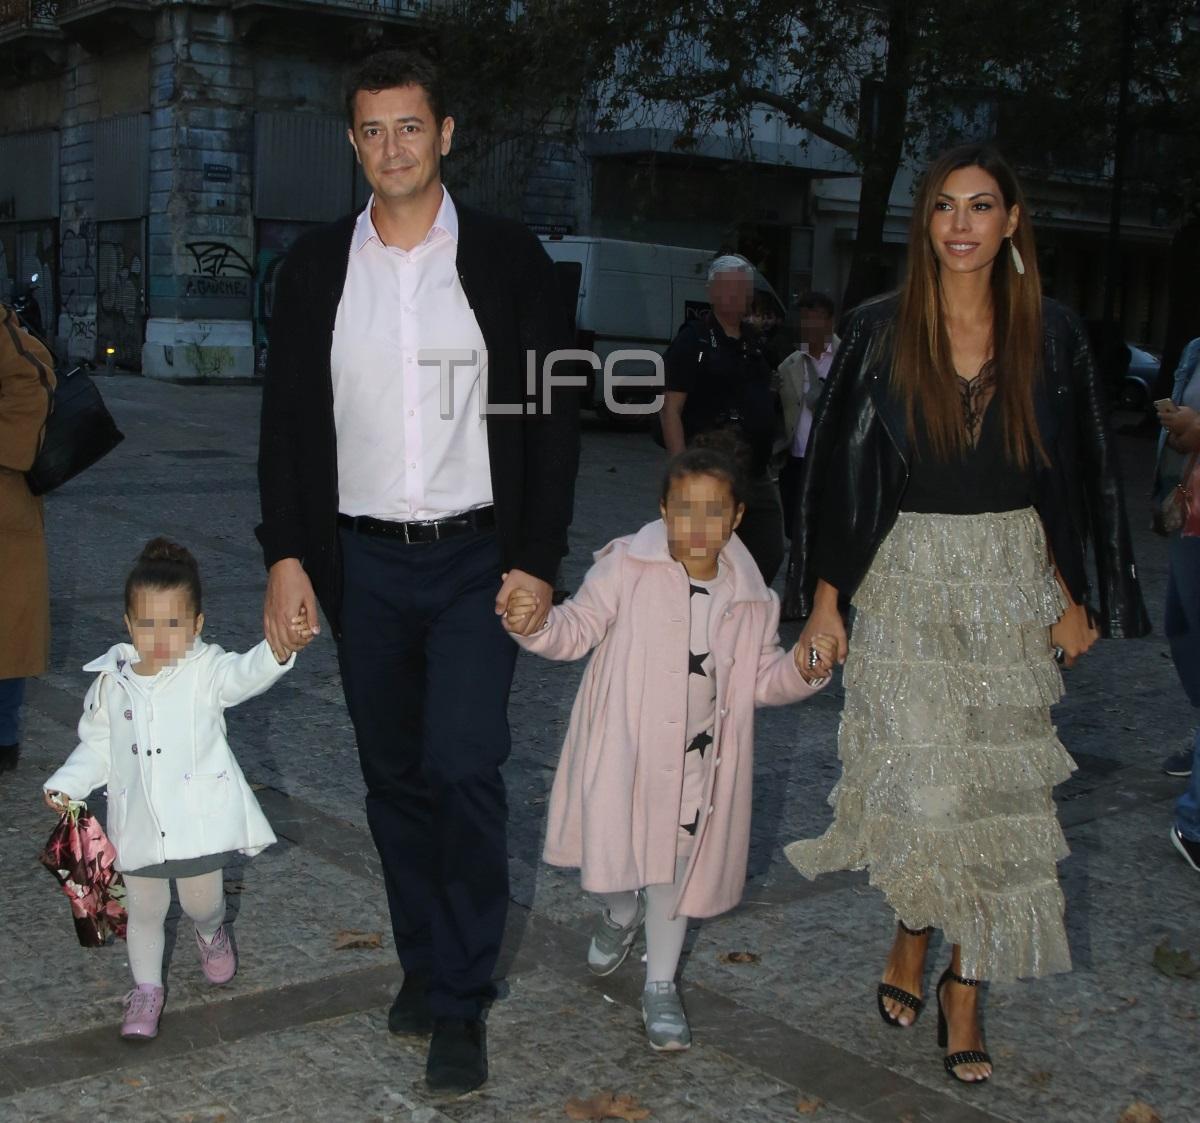 Αντώνης Σρόιτερ – Ιωάννα Μπούκη: Μαγικές στιγμές στην Αράχοβα με τις κόρες τους! Video | tlife.gr